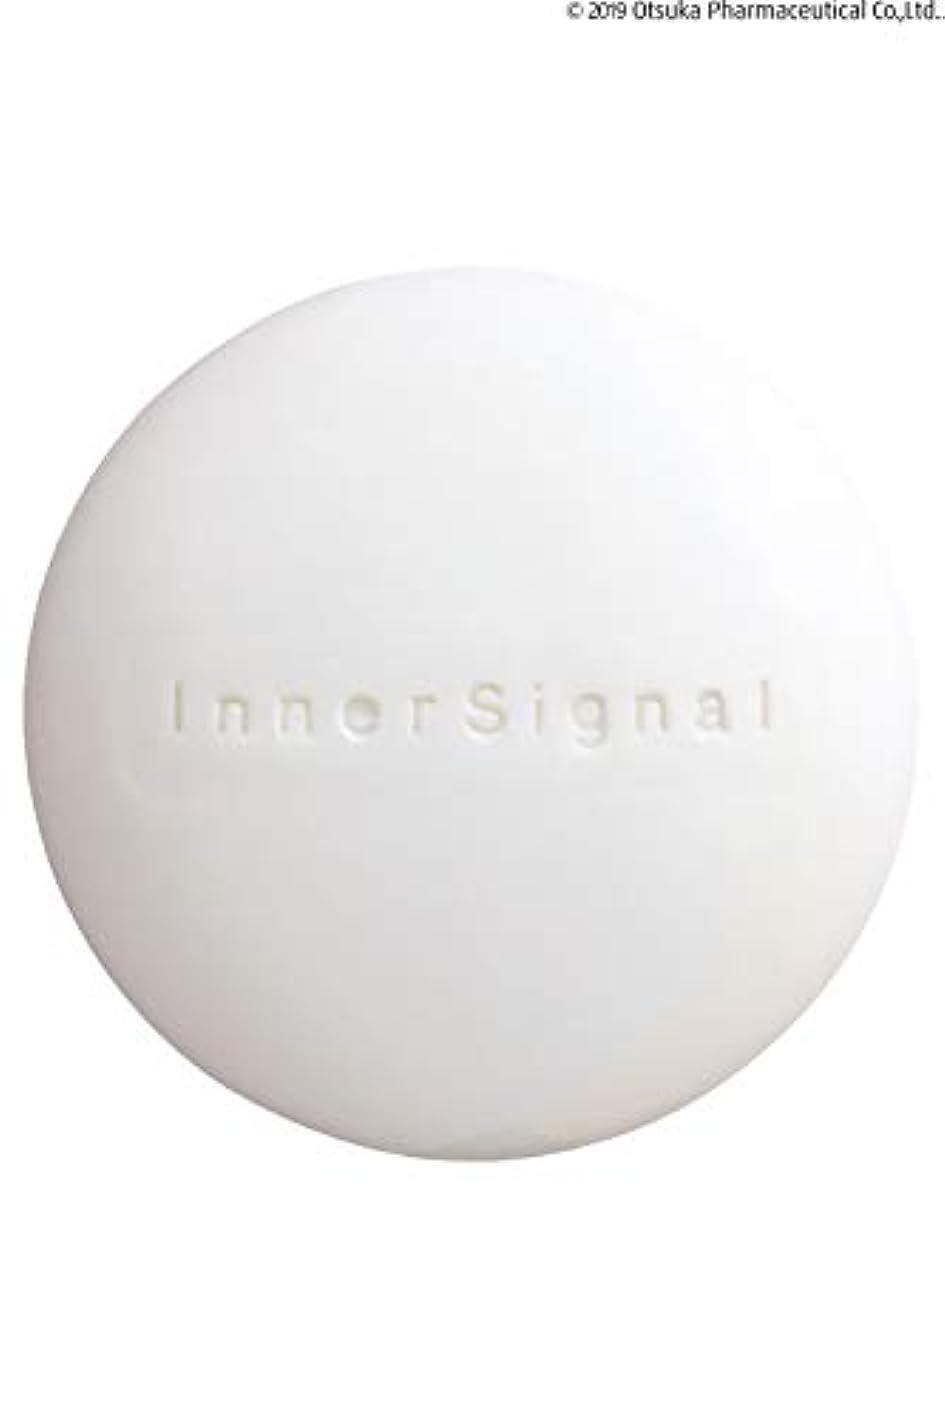 海岸説得力のある気付く大塚製薬 インナーシグナル ベースソープ 80g (洗顔石けん)52971